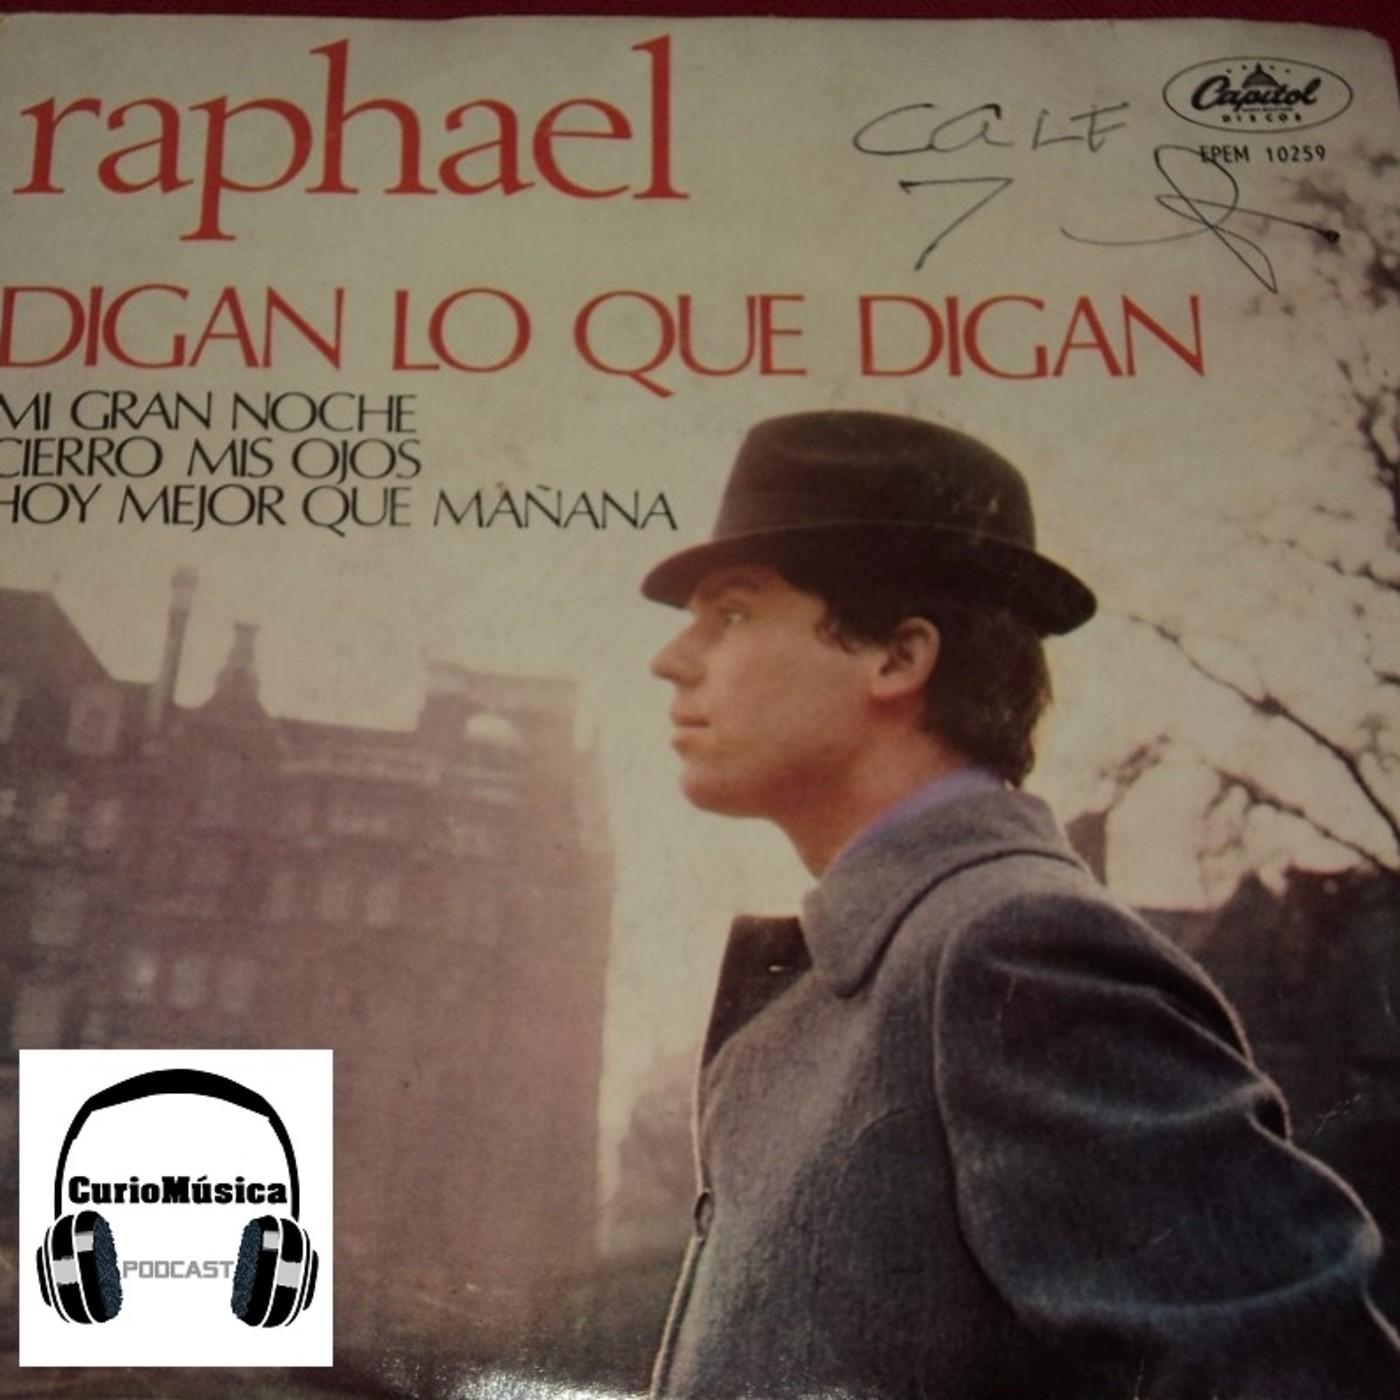 2 Mi Gran Noche Raphael Curiomúsica Podcast En Curiomúsica En Mp3 02 04 A Las 11 29 43 05 17 33974589 Ivoox